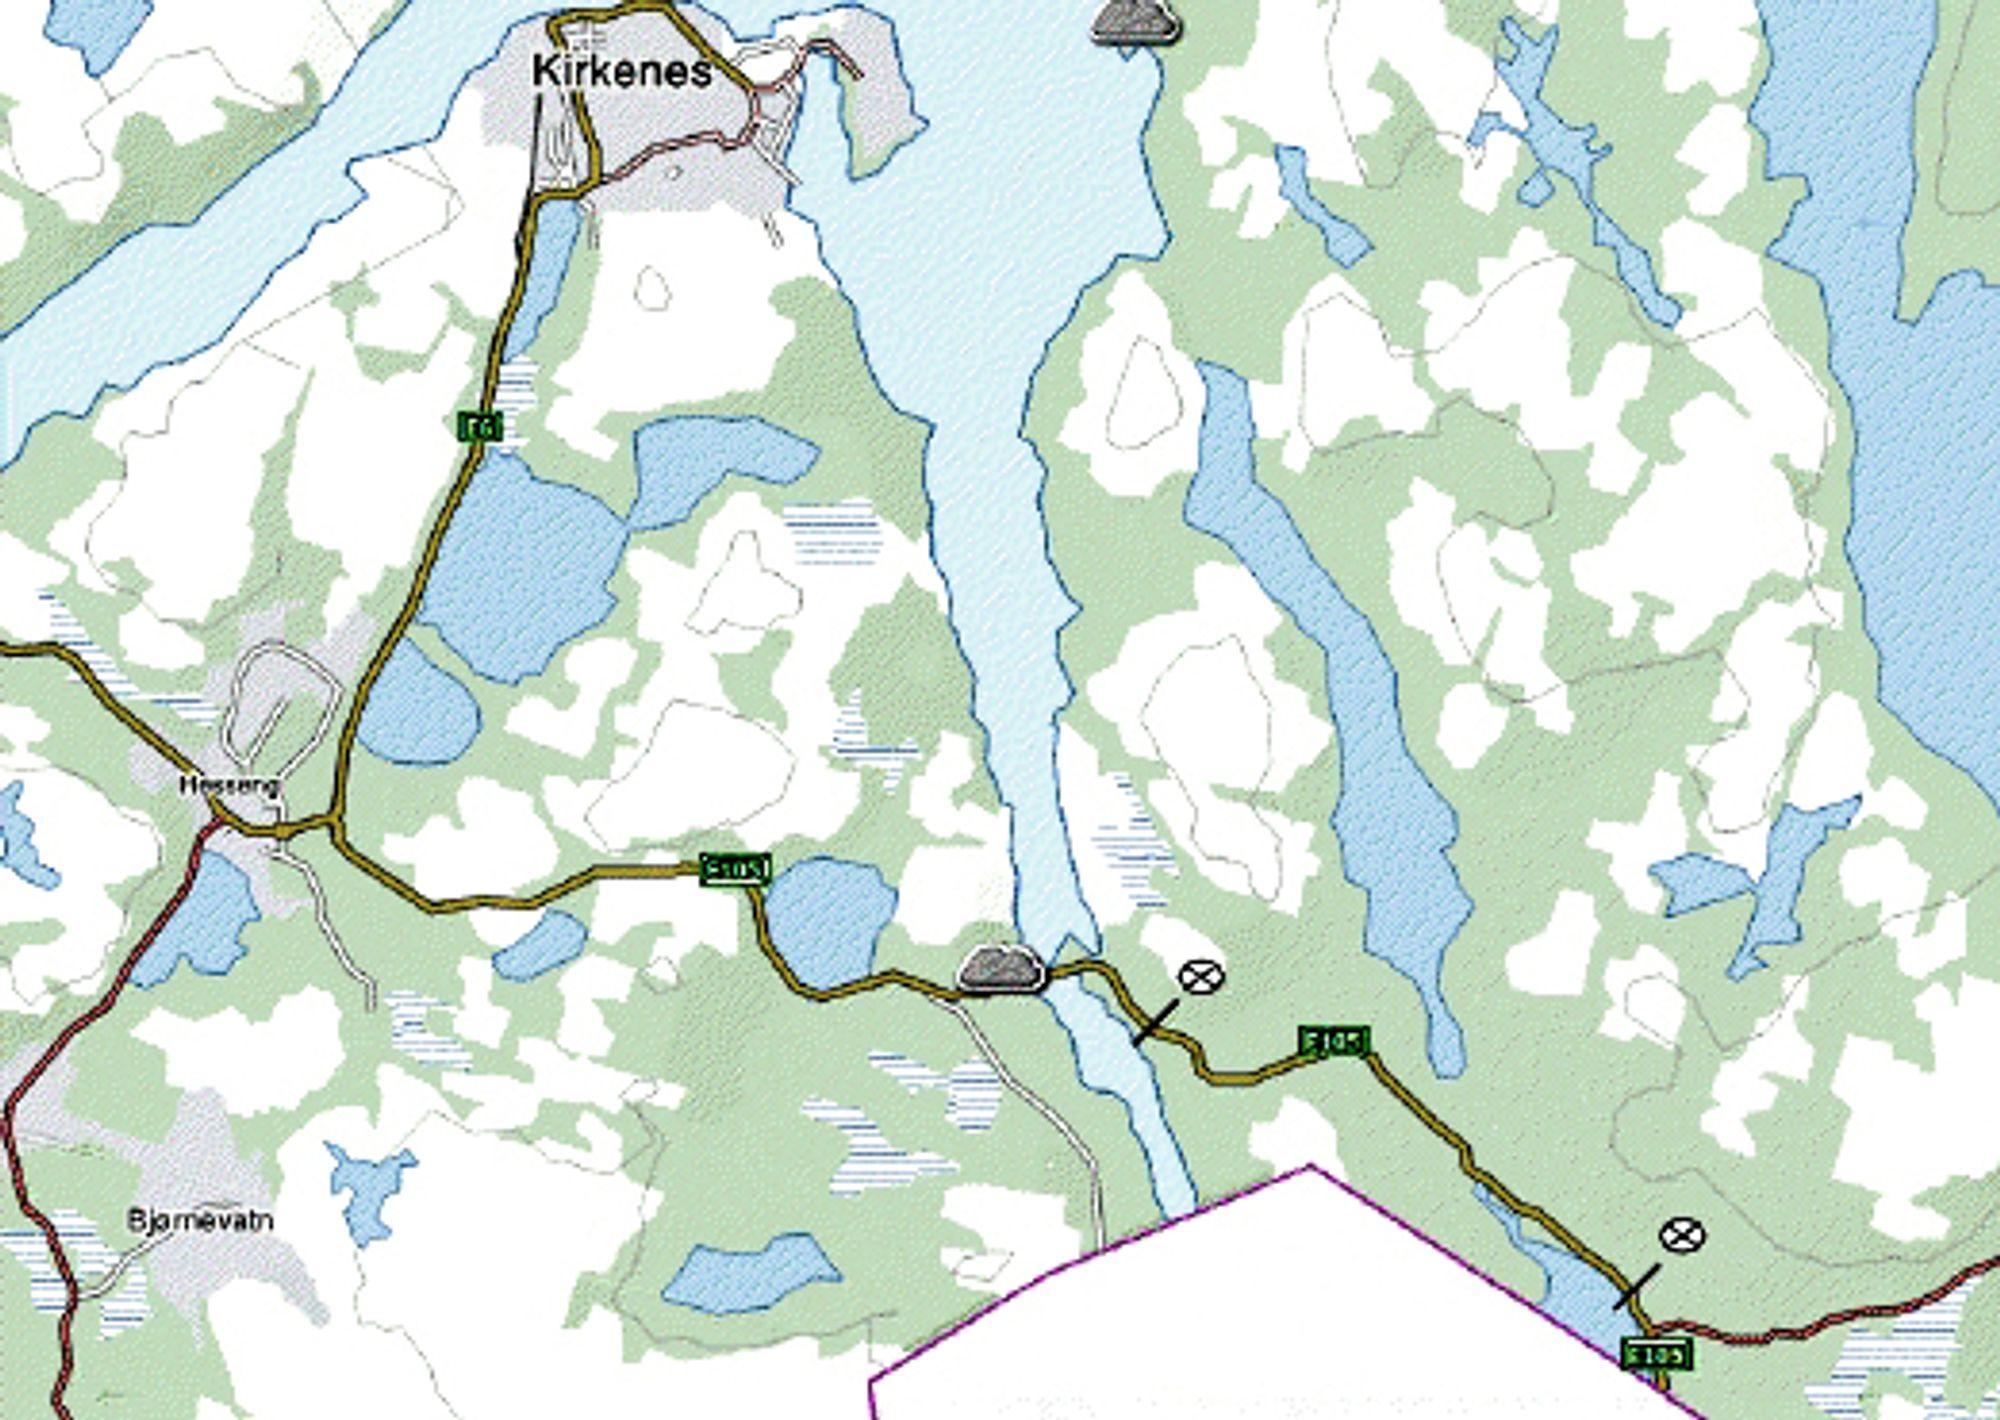 Strekningen som skal utbedres er markert nede til høyre på kartet. Ill.: Statens vegvesen